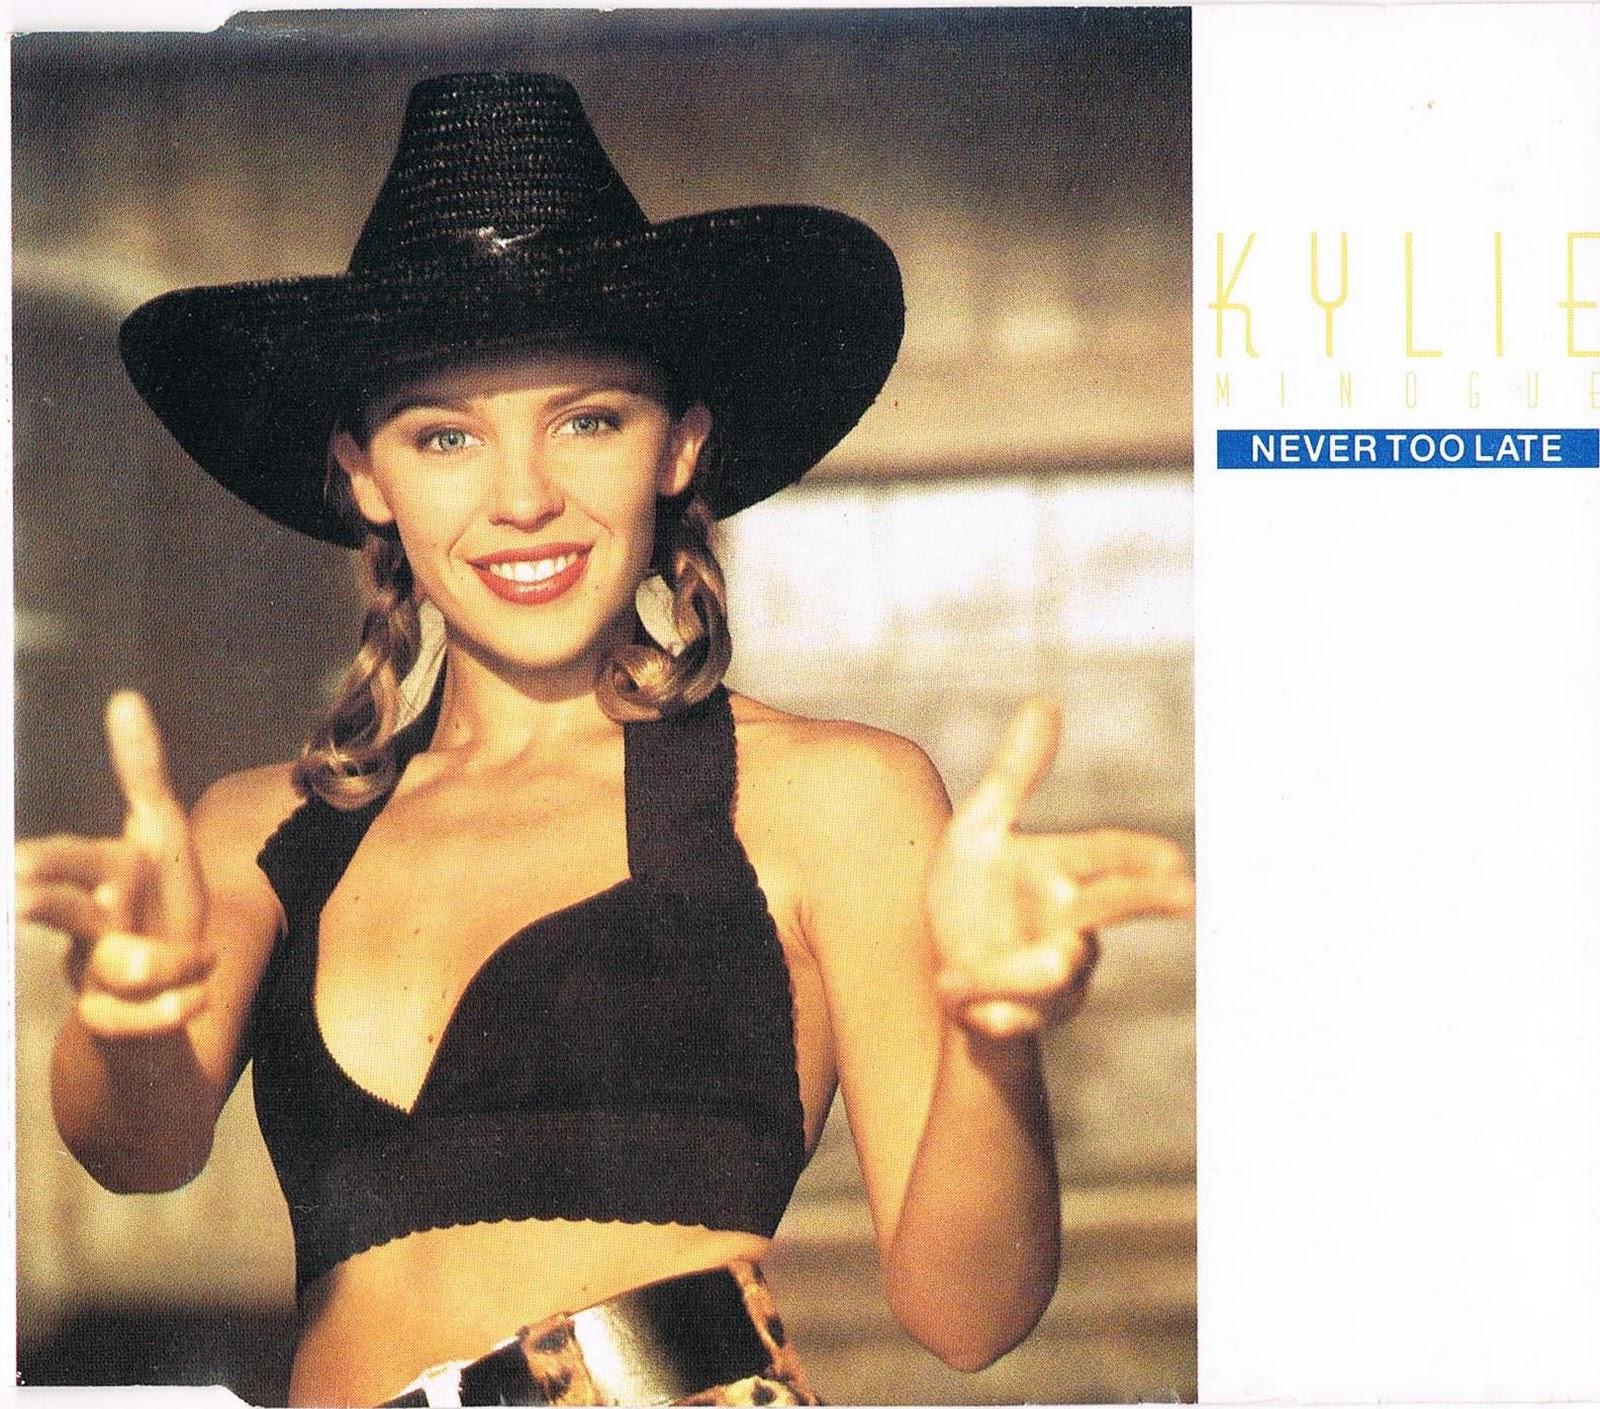 http://3.bp.blogspot.com/_HSE_14vt9pM/TRk-HaMThFI/AAAAAAAAAAQ/1SY42ekSPZY/s1600/Kylie_Never+Too+Late+CD1.jpg